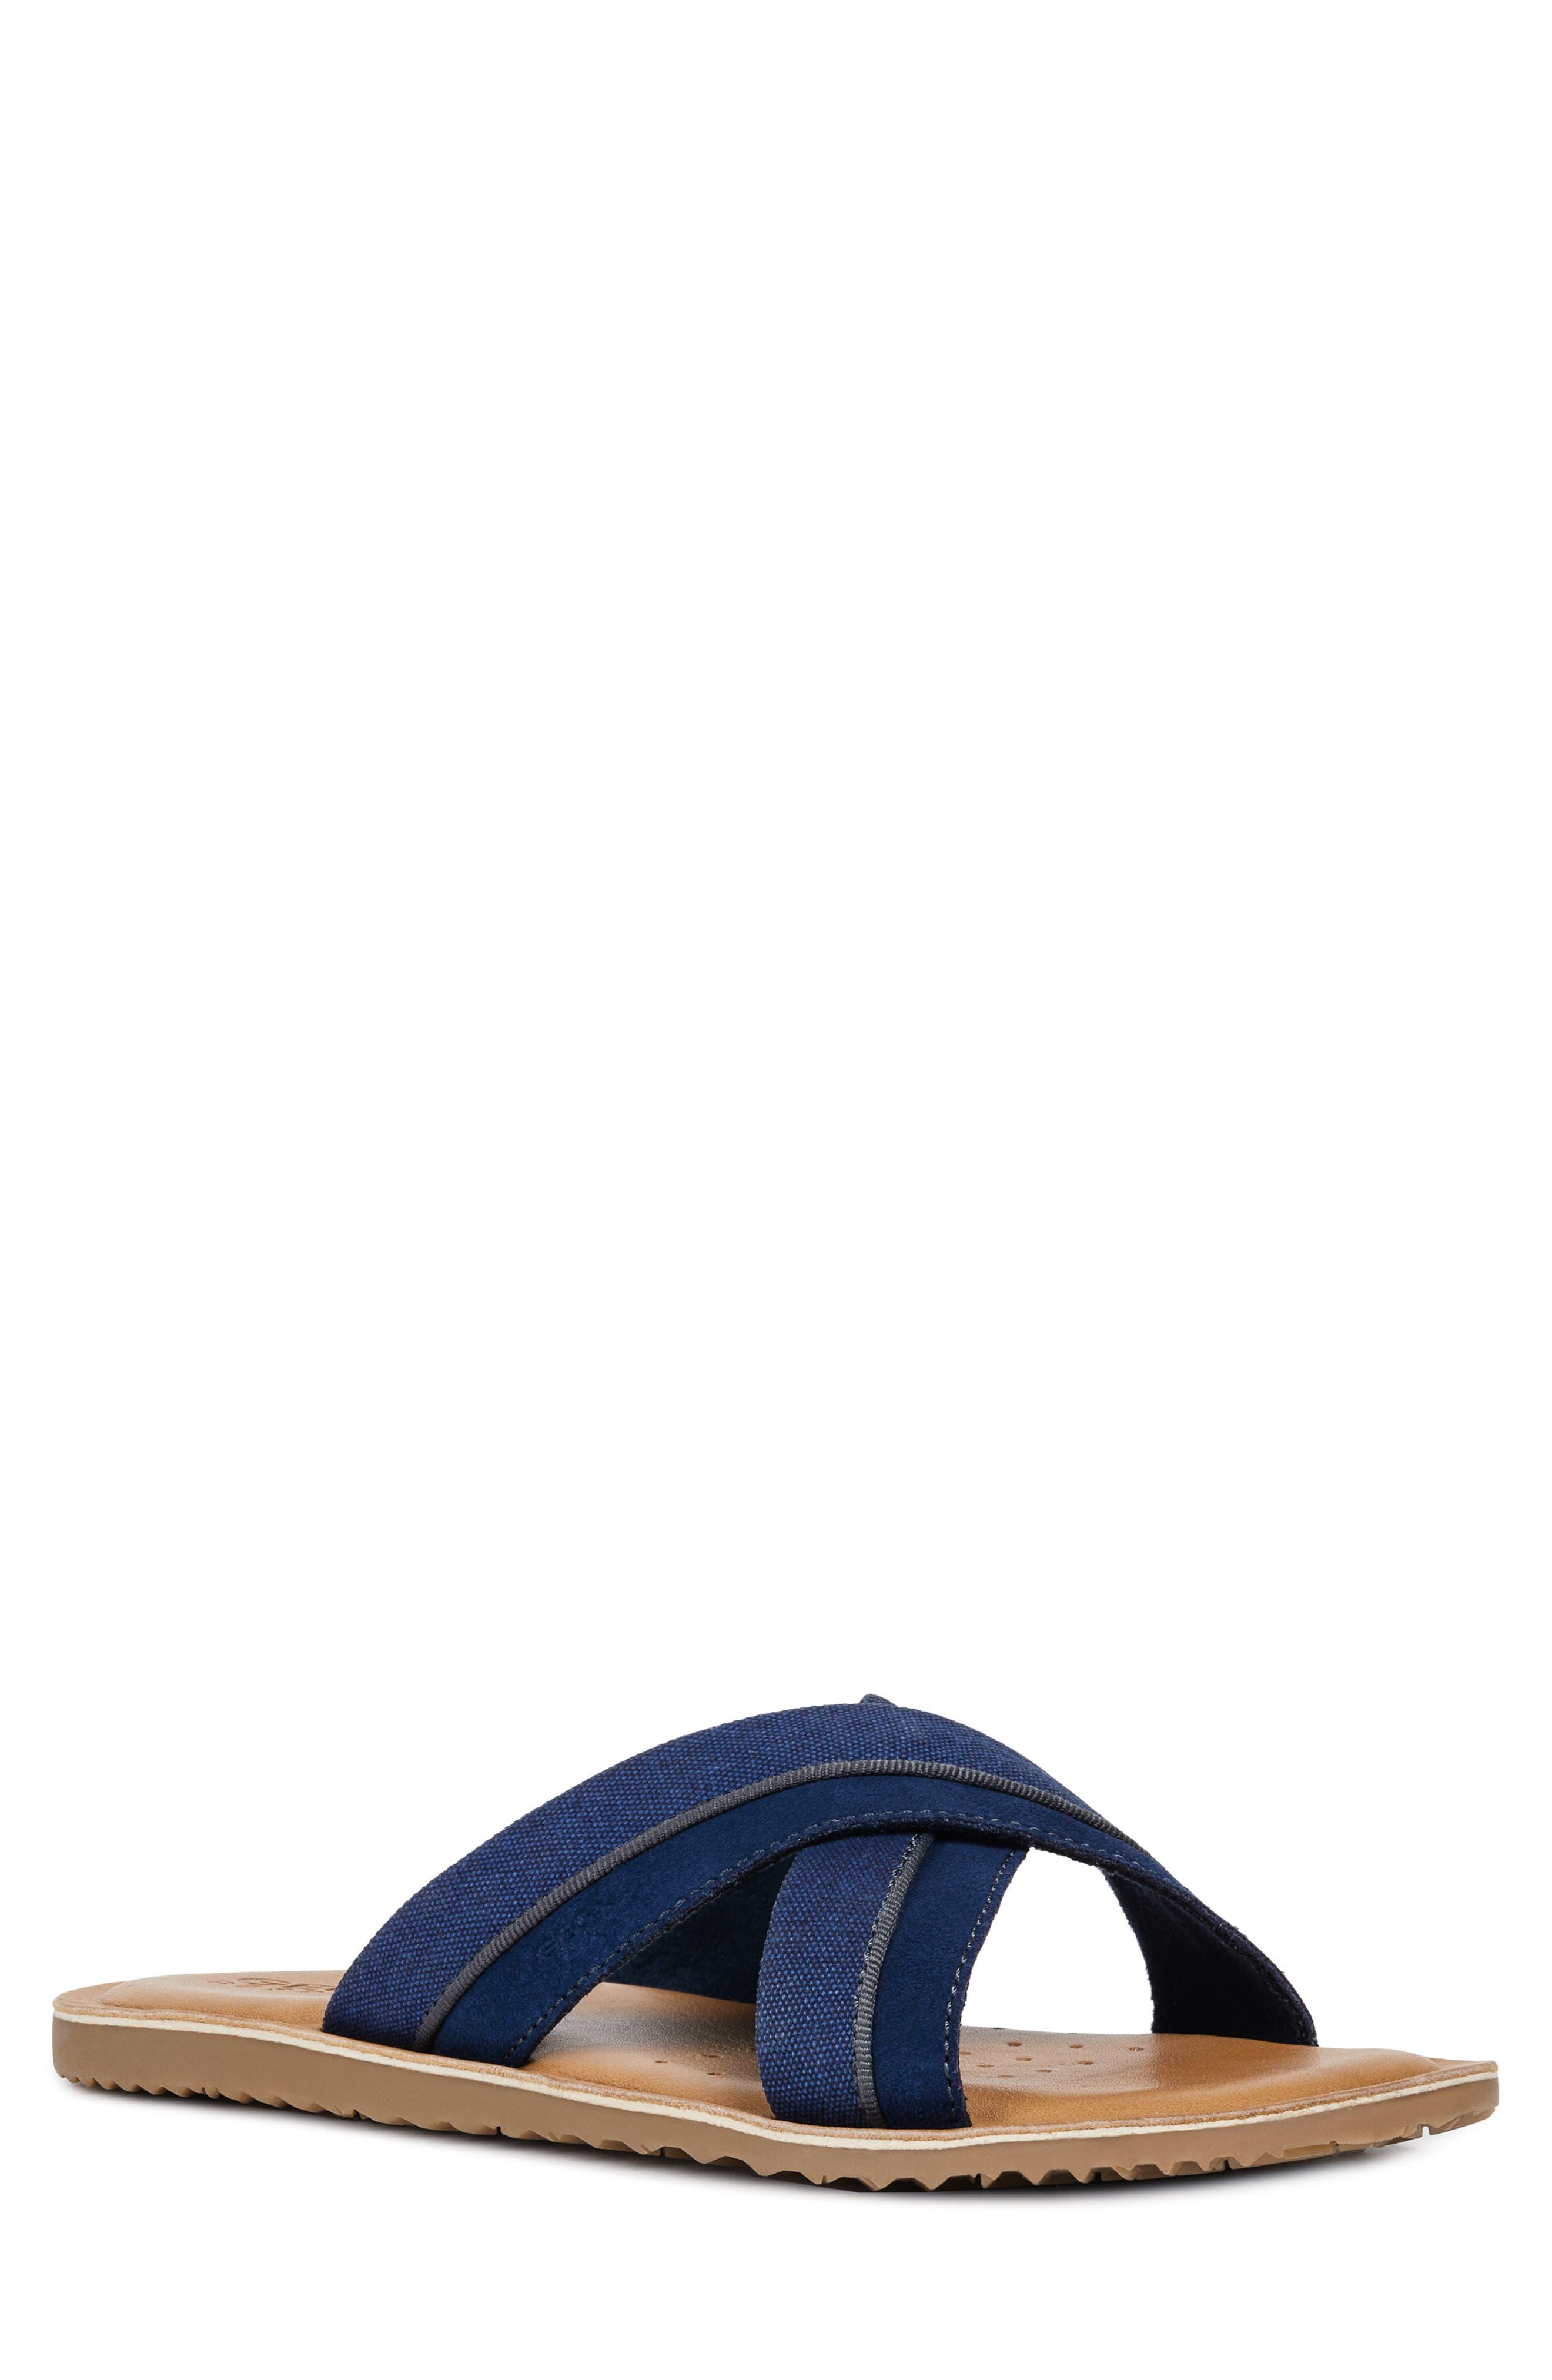 Geox Artie 18 Slide Sandal, Blue